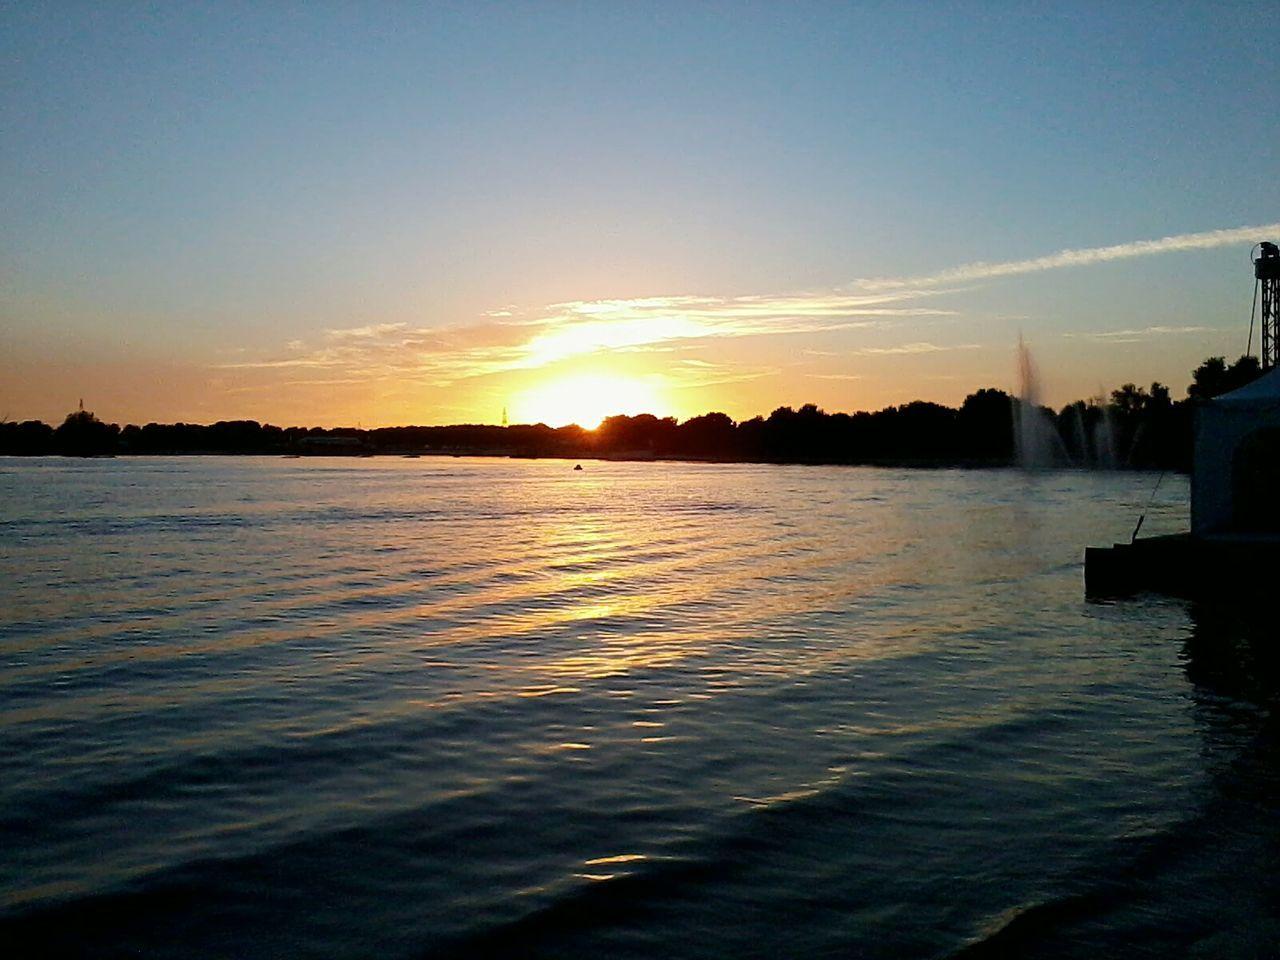 Sunset at Lake Heede in Heede (Germany/LS/Emsland) 2014 Heede Heeder See Emsland Lower Saxony Lake Heede Lakes  Sunset Niedersachsen German Lakes 2013